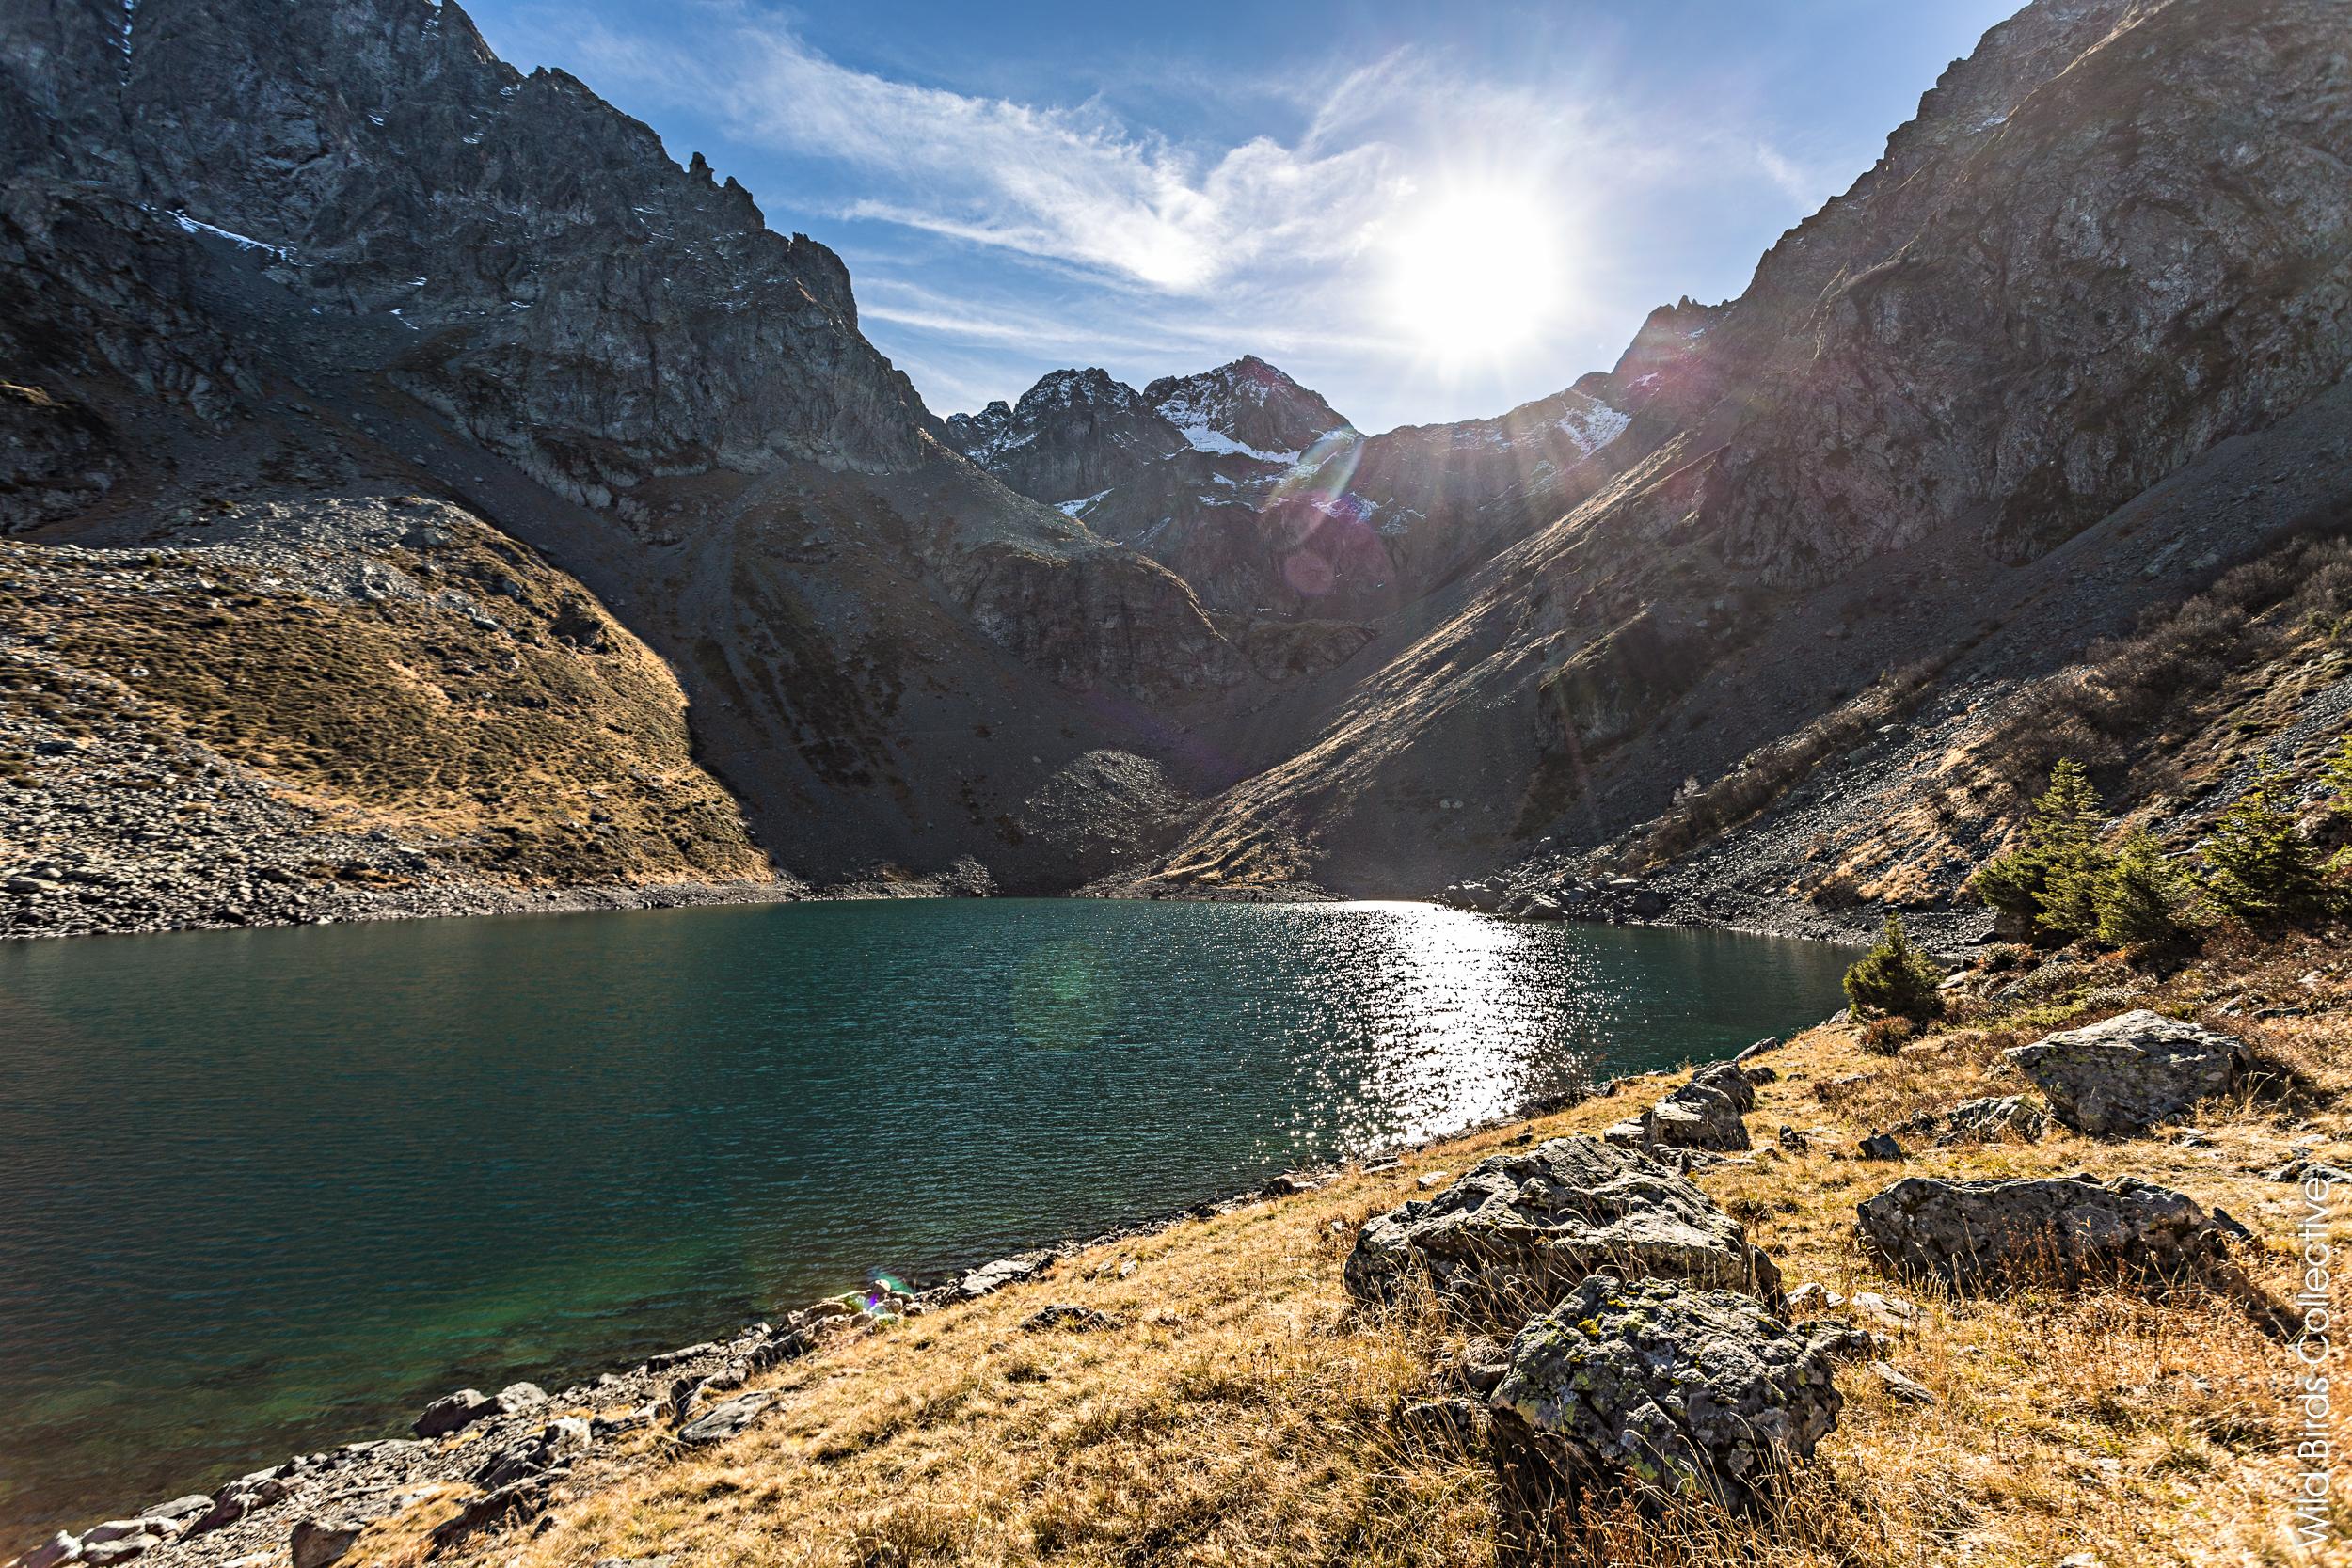 Rando Belledonne Lac de Crop